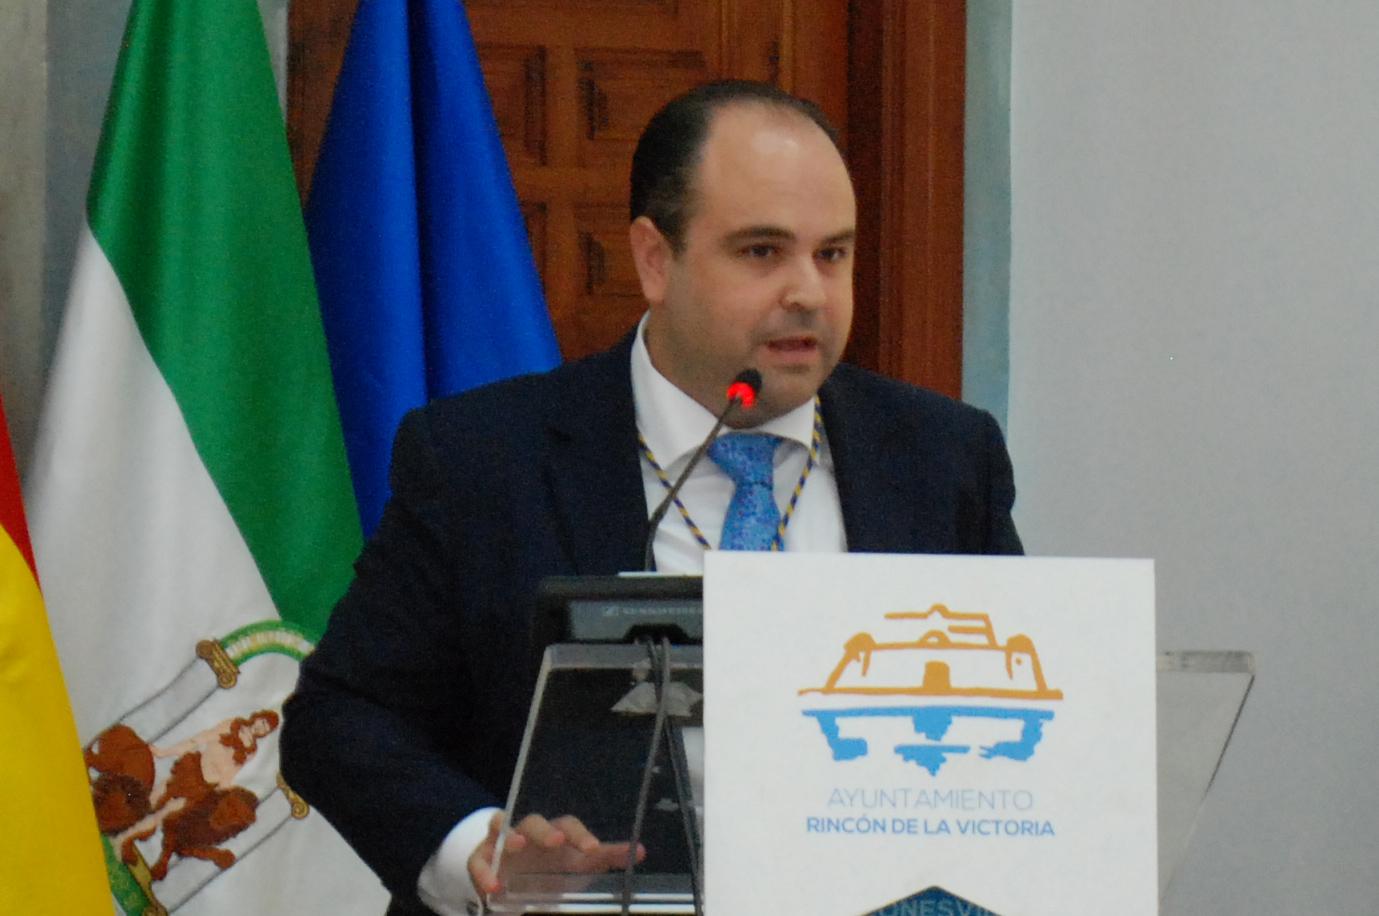 Arrinconados Borja Ortiz